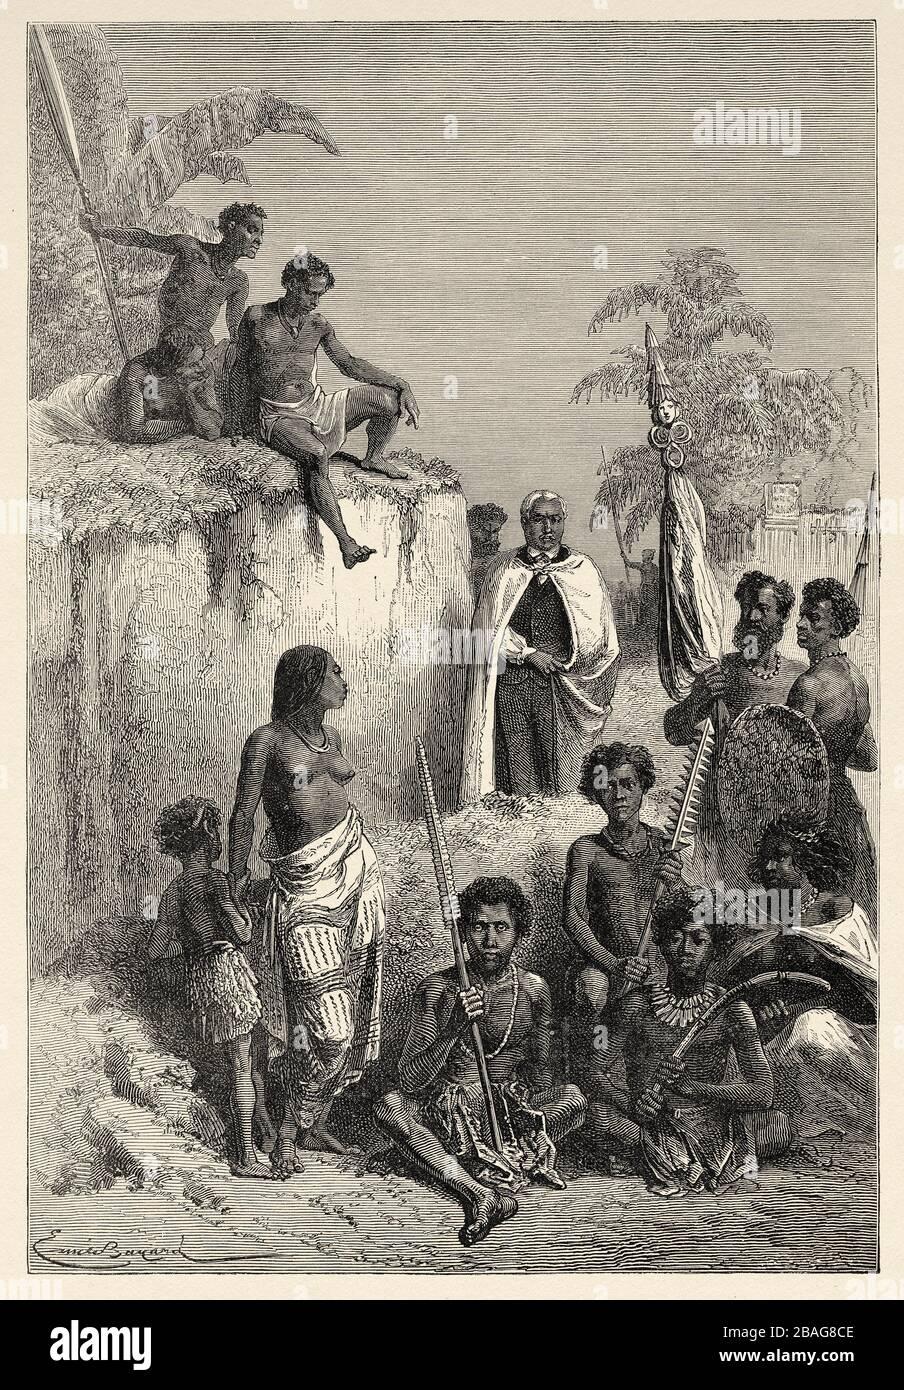 Kamehameha I el Grande (1758 - 1819) Monarca hawaiano que unificó las Islas Hawaianas y estableció formalmente el Reino de Hawai en 1810. Hawai, Foto de stock